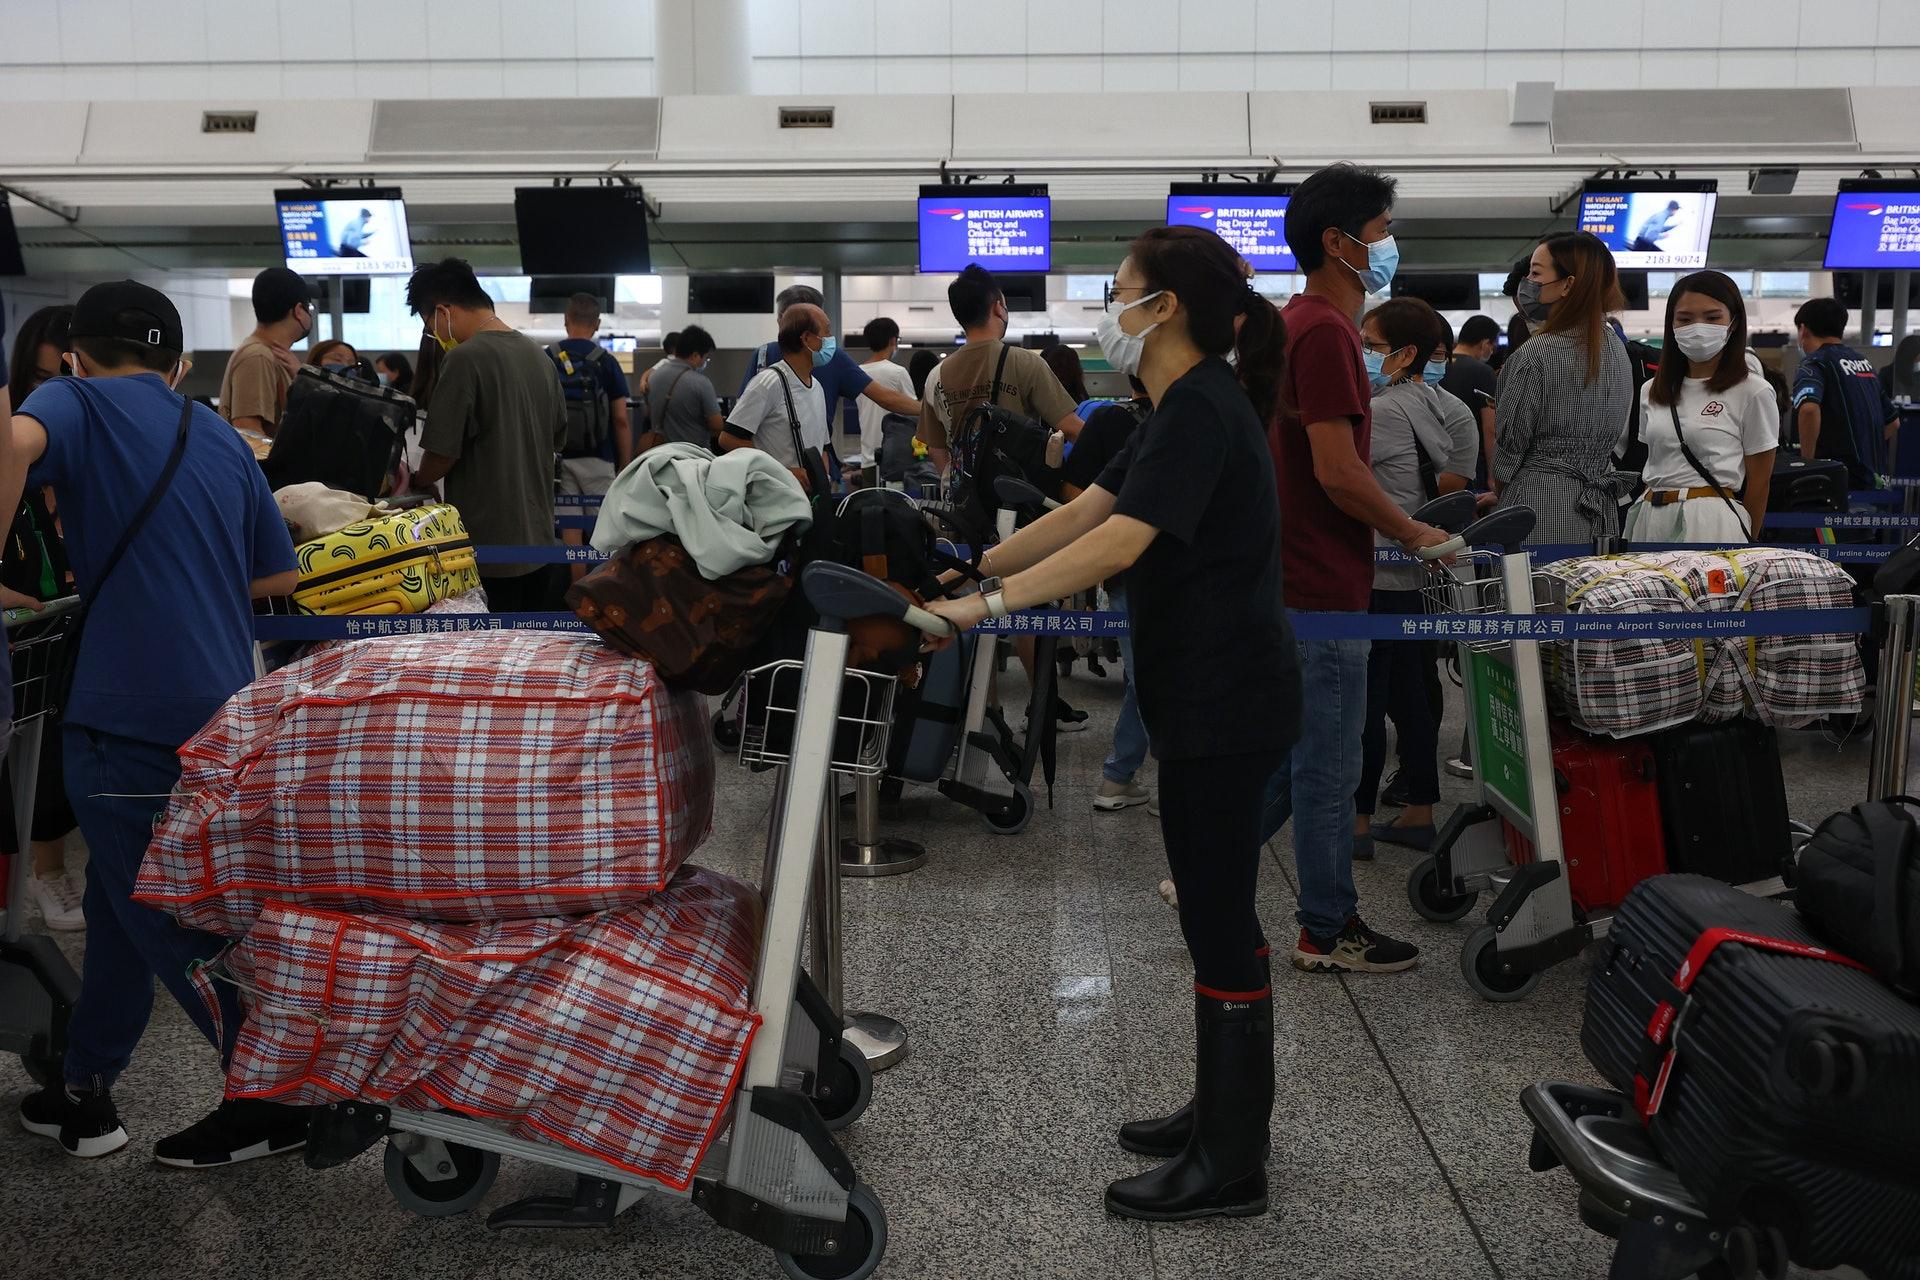 7月18日機場所見,往英國航班的櫃枱人頭湧湧。(張浩維攝)